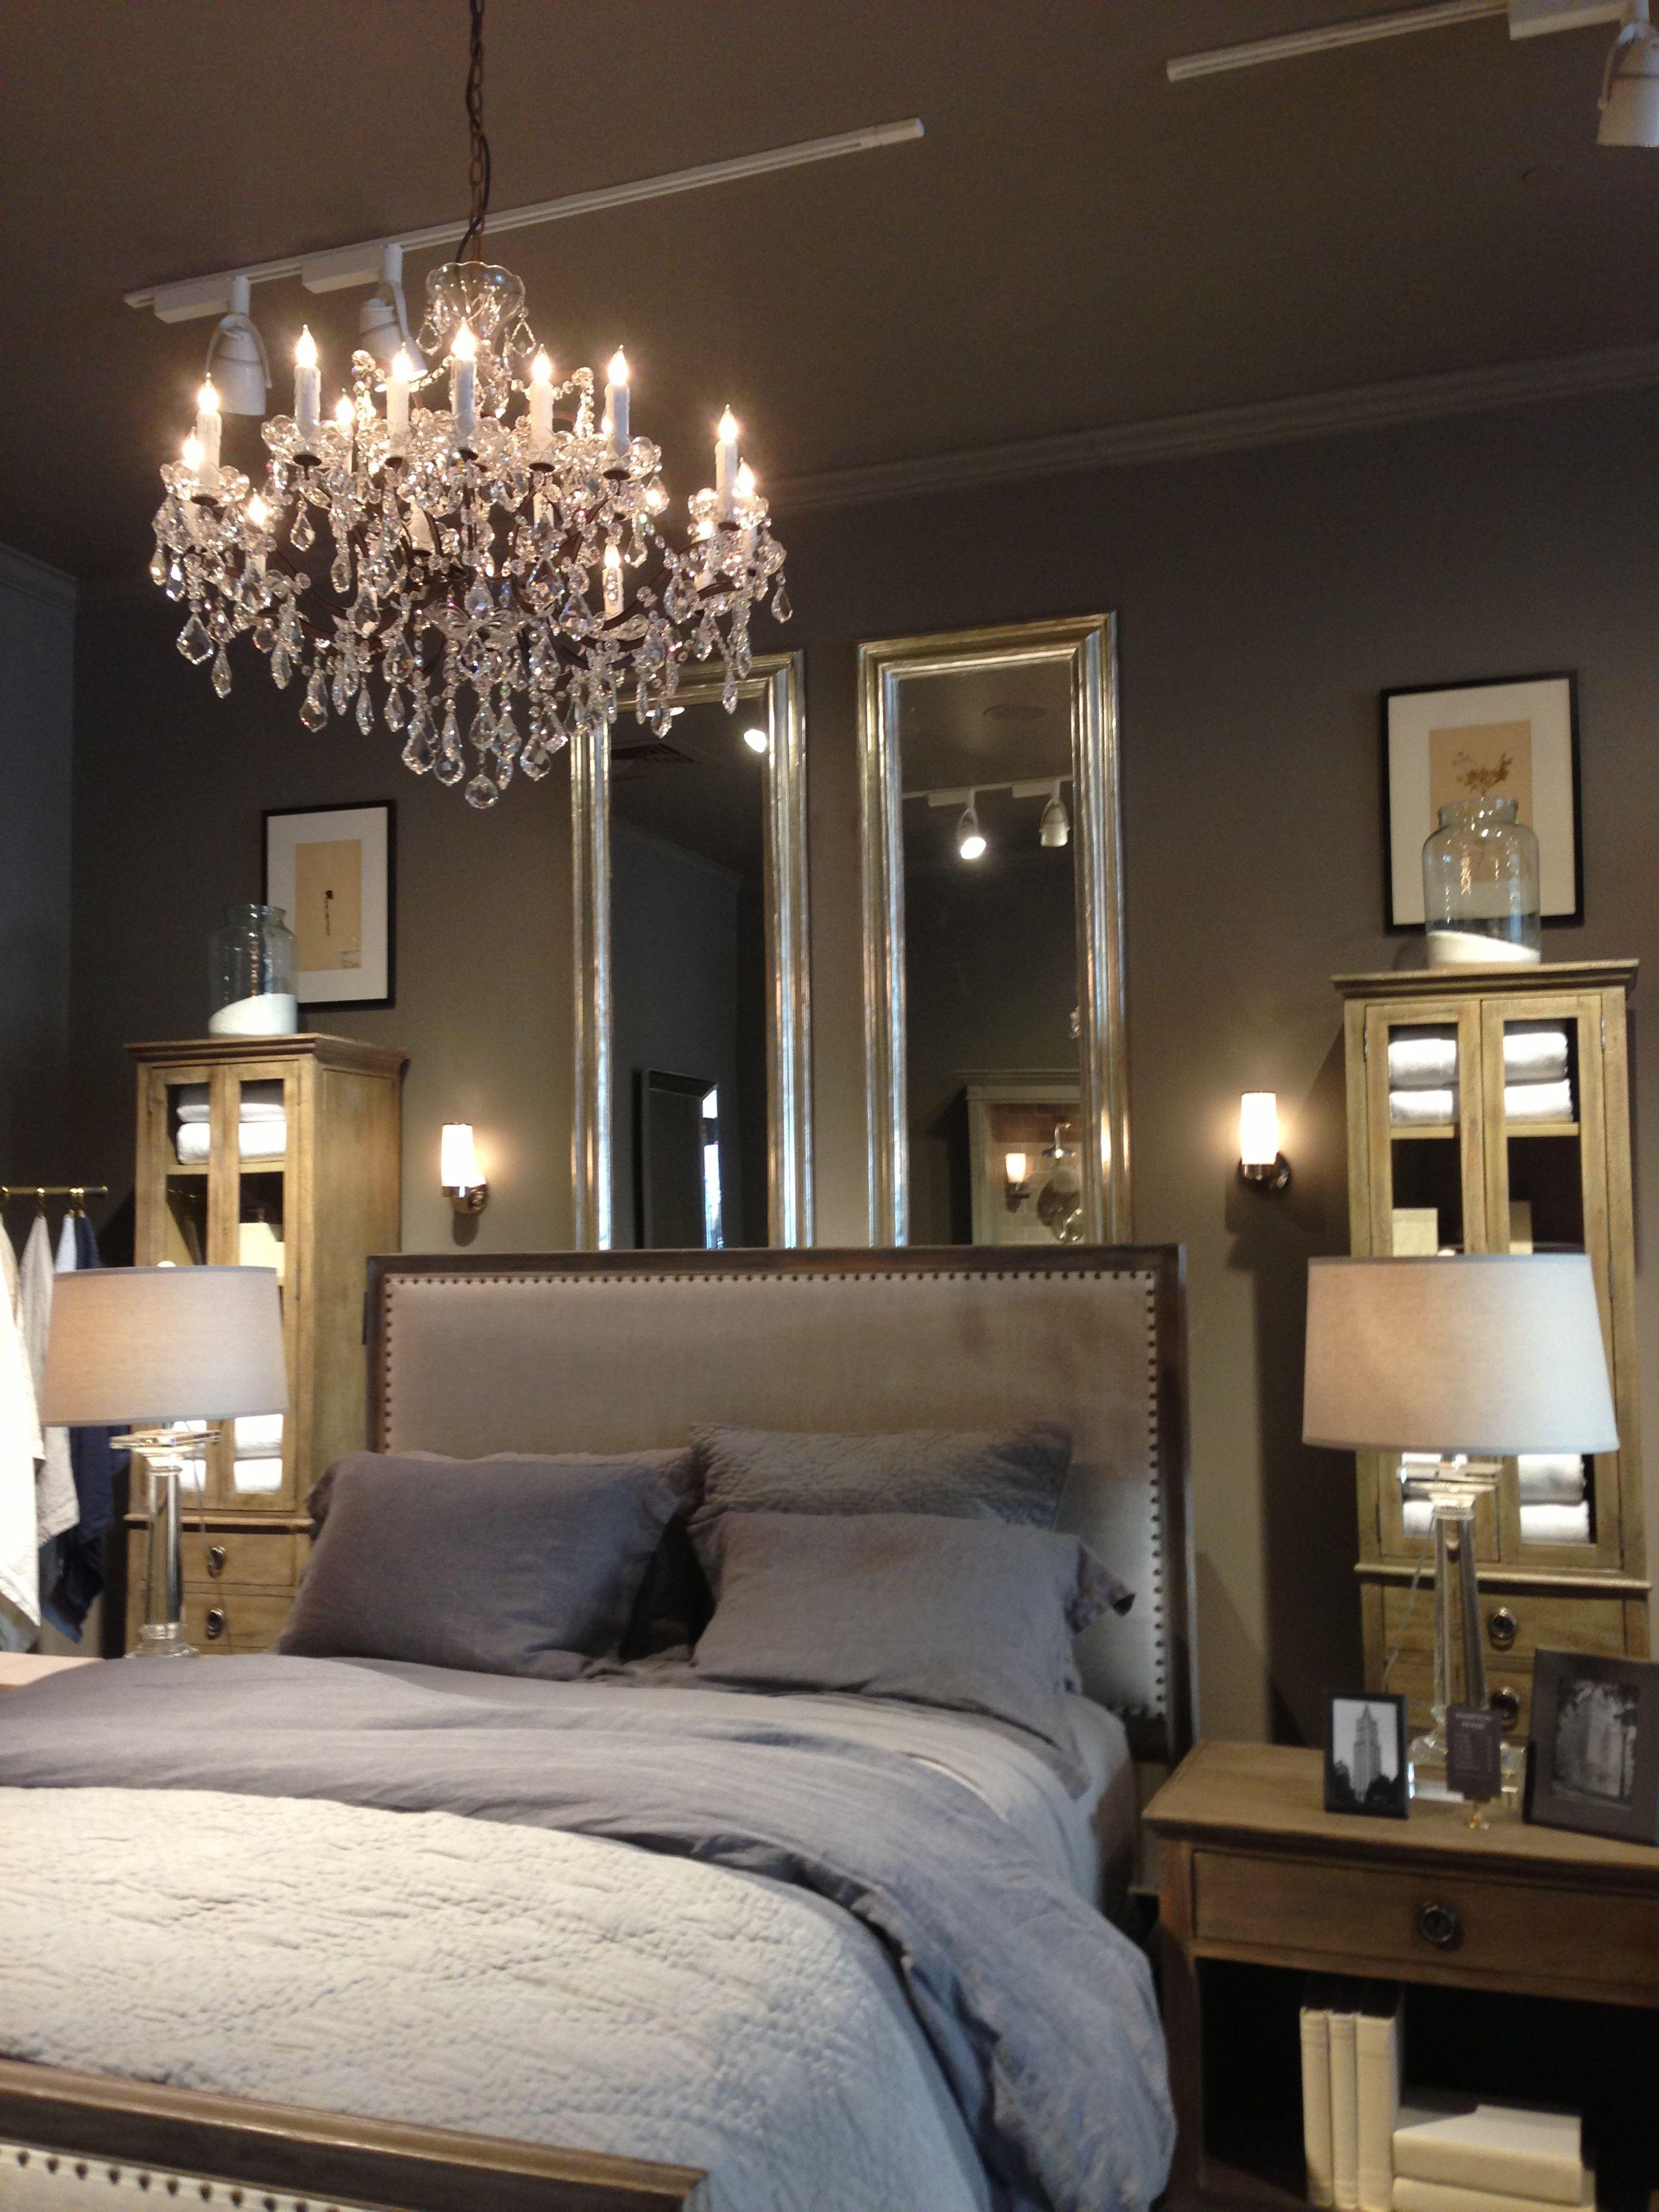 Perfect rustic bedroom | Rustic bedroom, Home bedroom ...